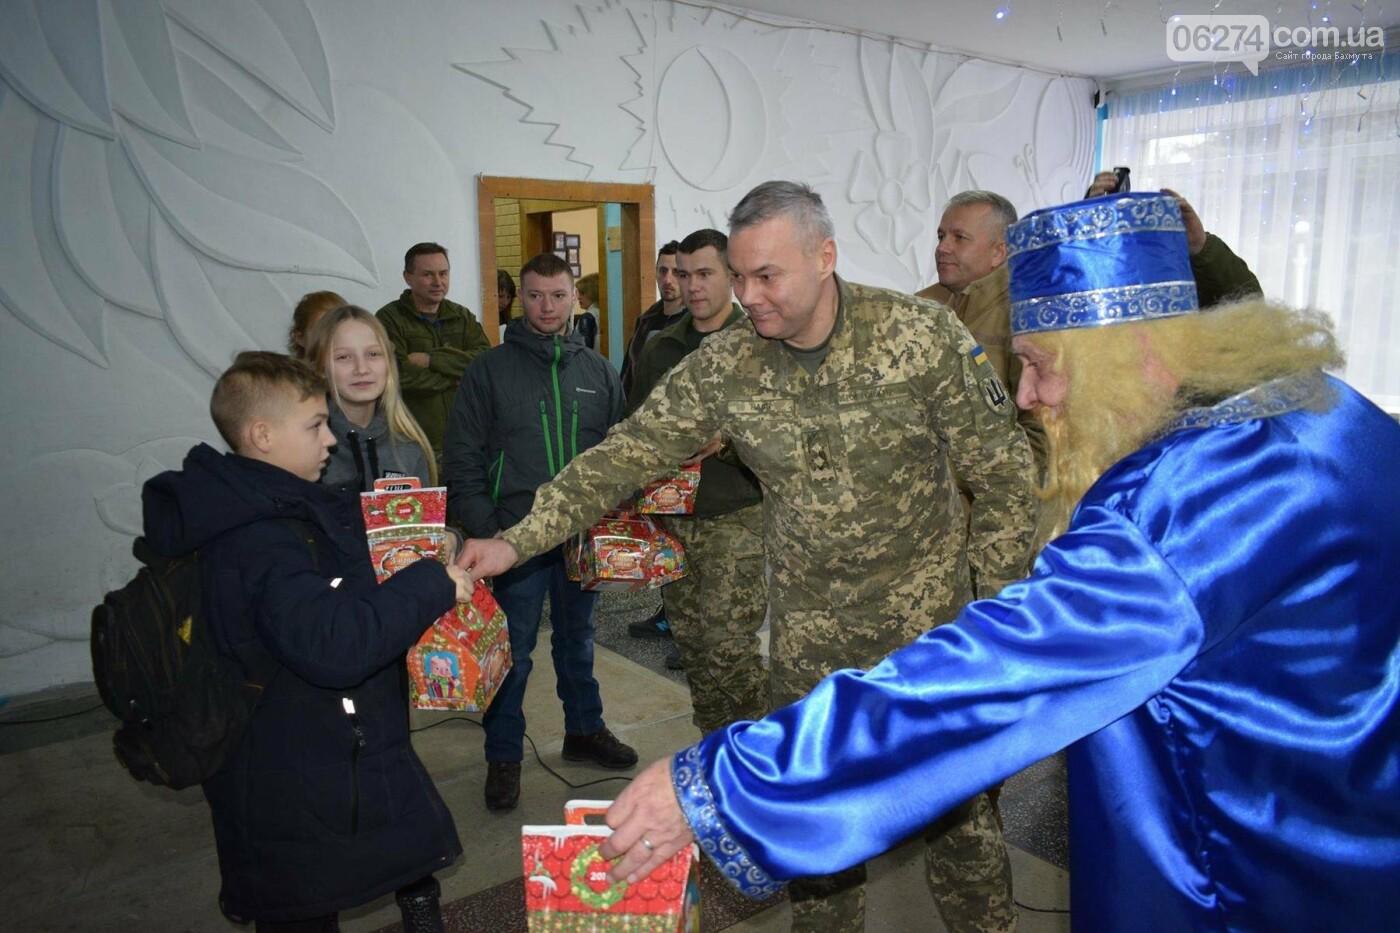 Командующий ООС поздравил детей Бахмутского района с Днем Святого Николая, фото-1